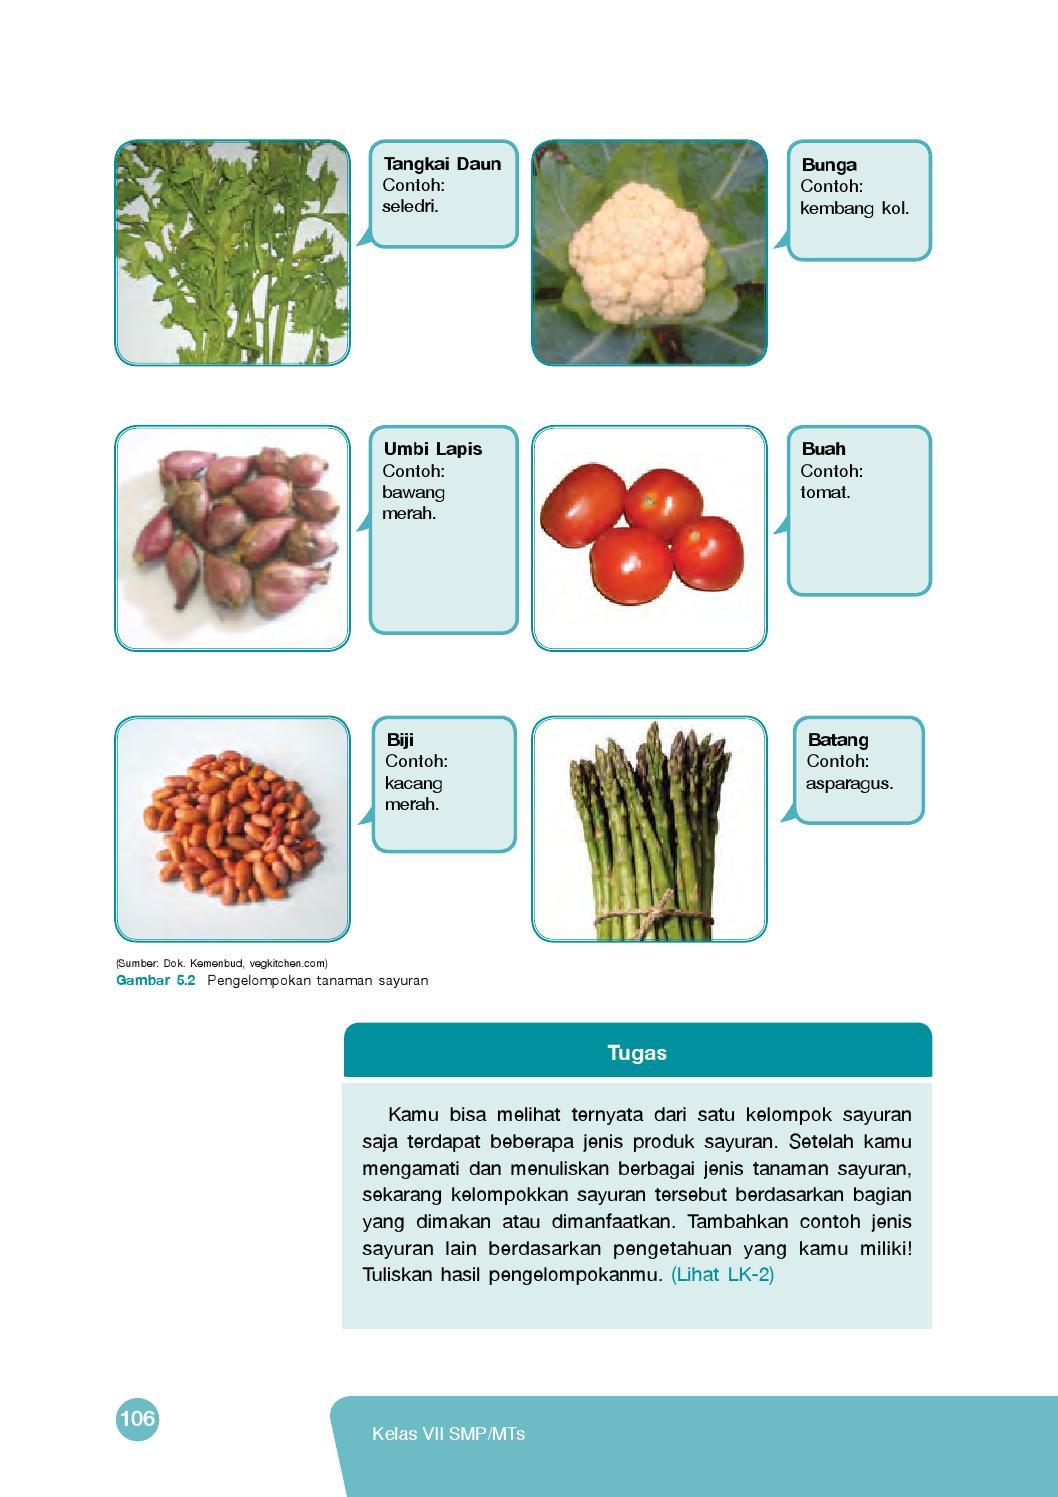 Contoh Tanaman Sayuran Daun : contoh, tanaman, sayuran, Kelas, Prakarya, Siswa, Madrasah, Tsanawiyah, Mandalahurip, Issuu